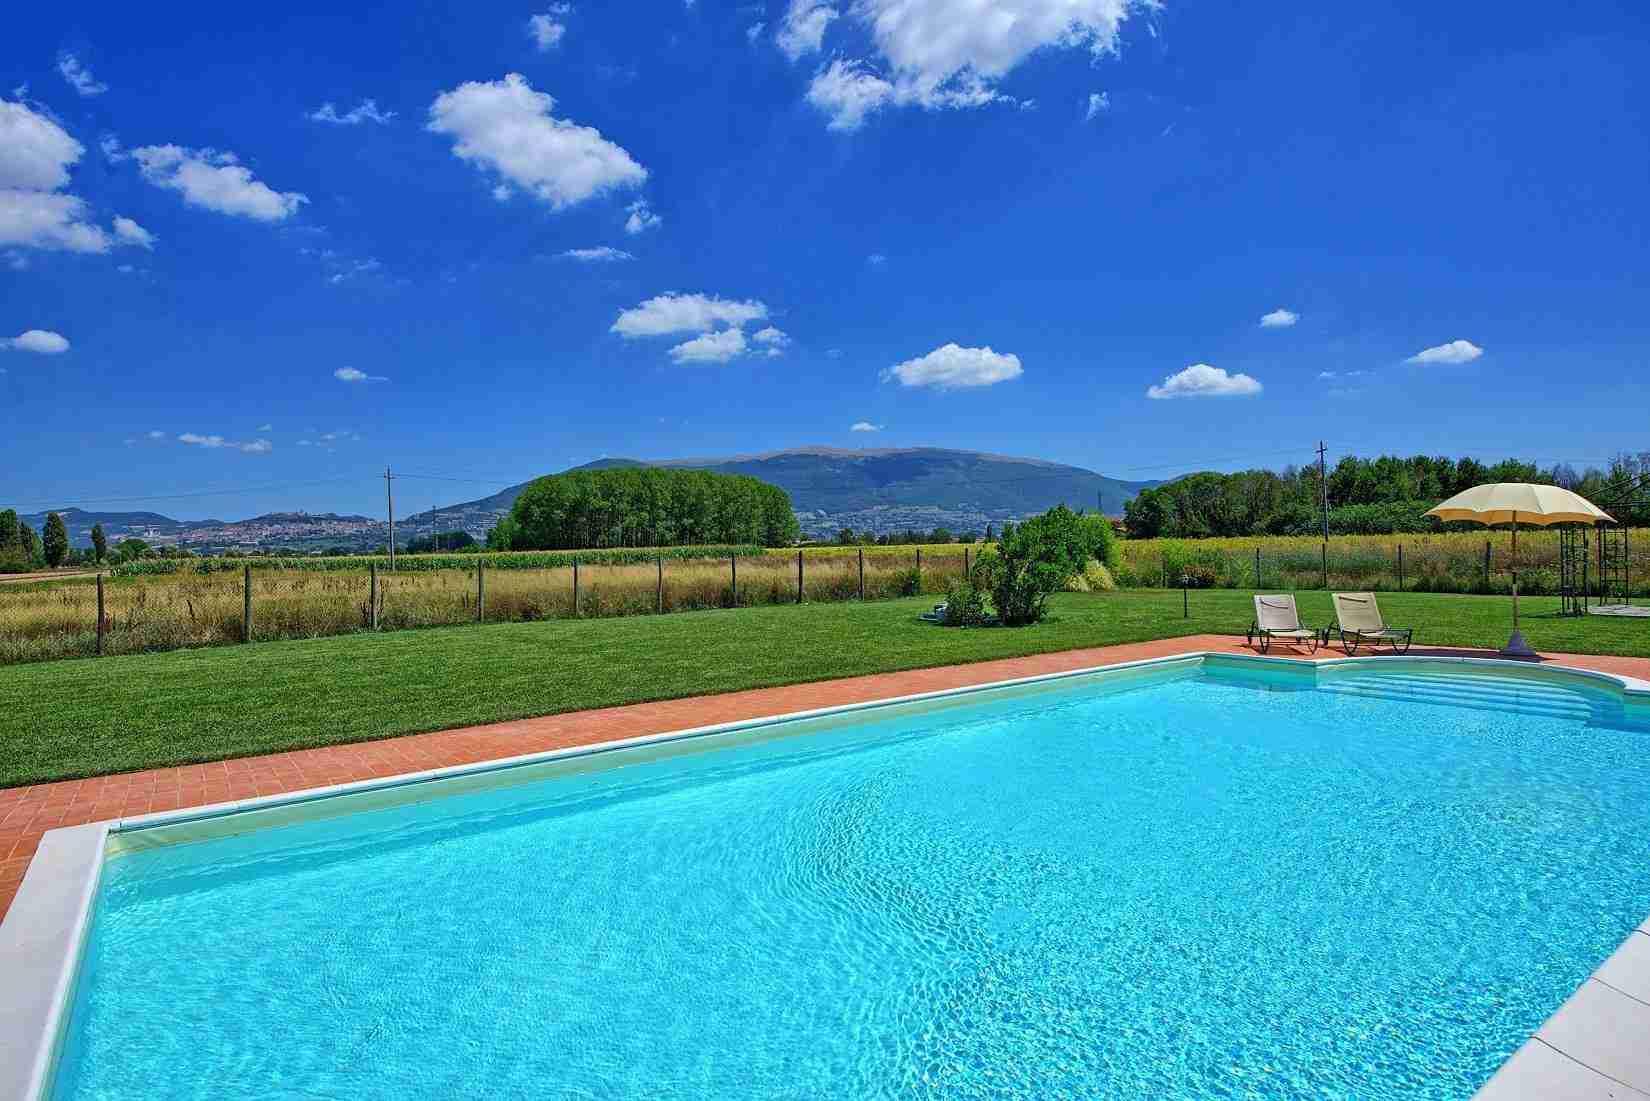 6 Assisi pool